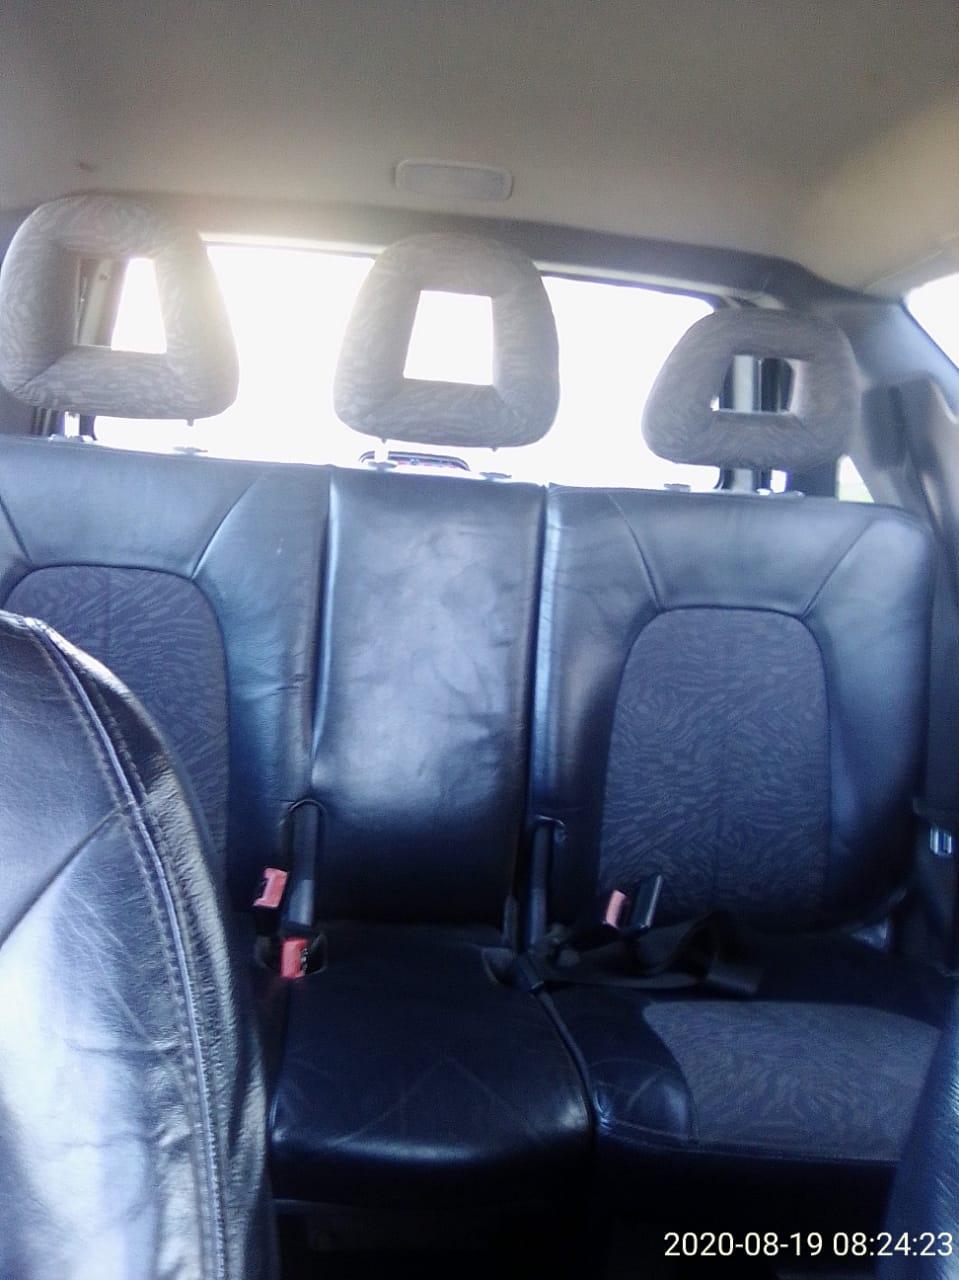 2001 Mercedes Benz A-Class hatch A 200 A/T